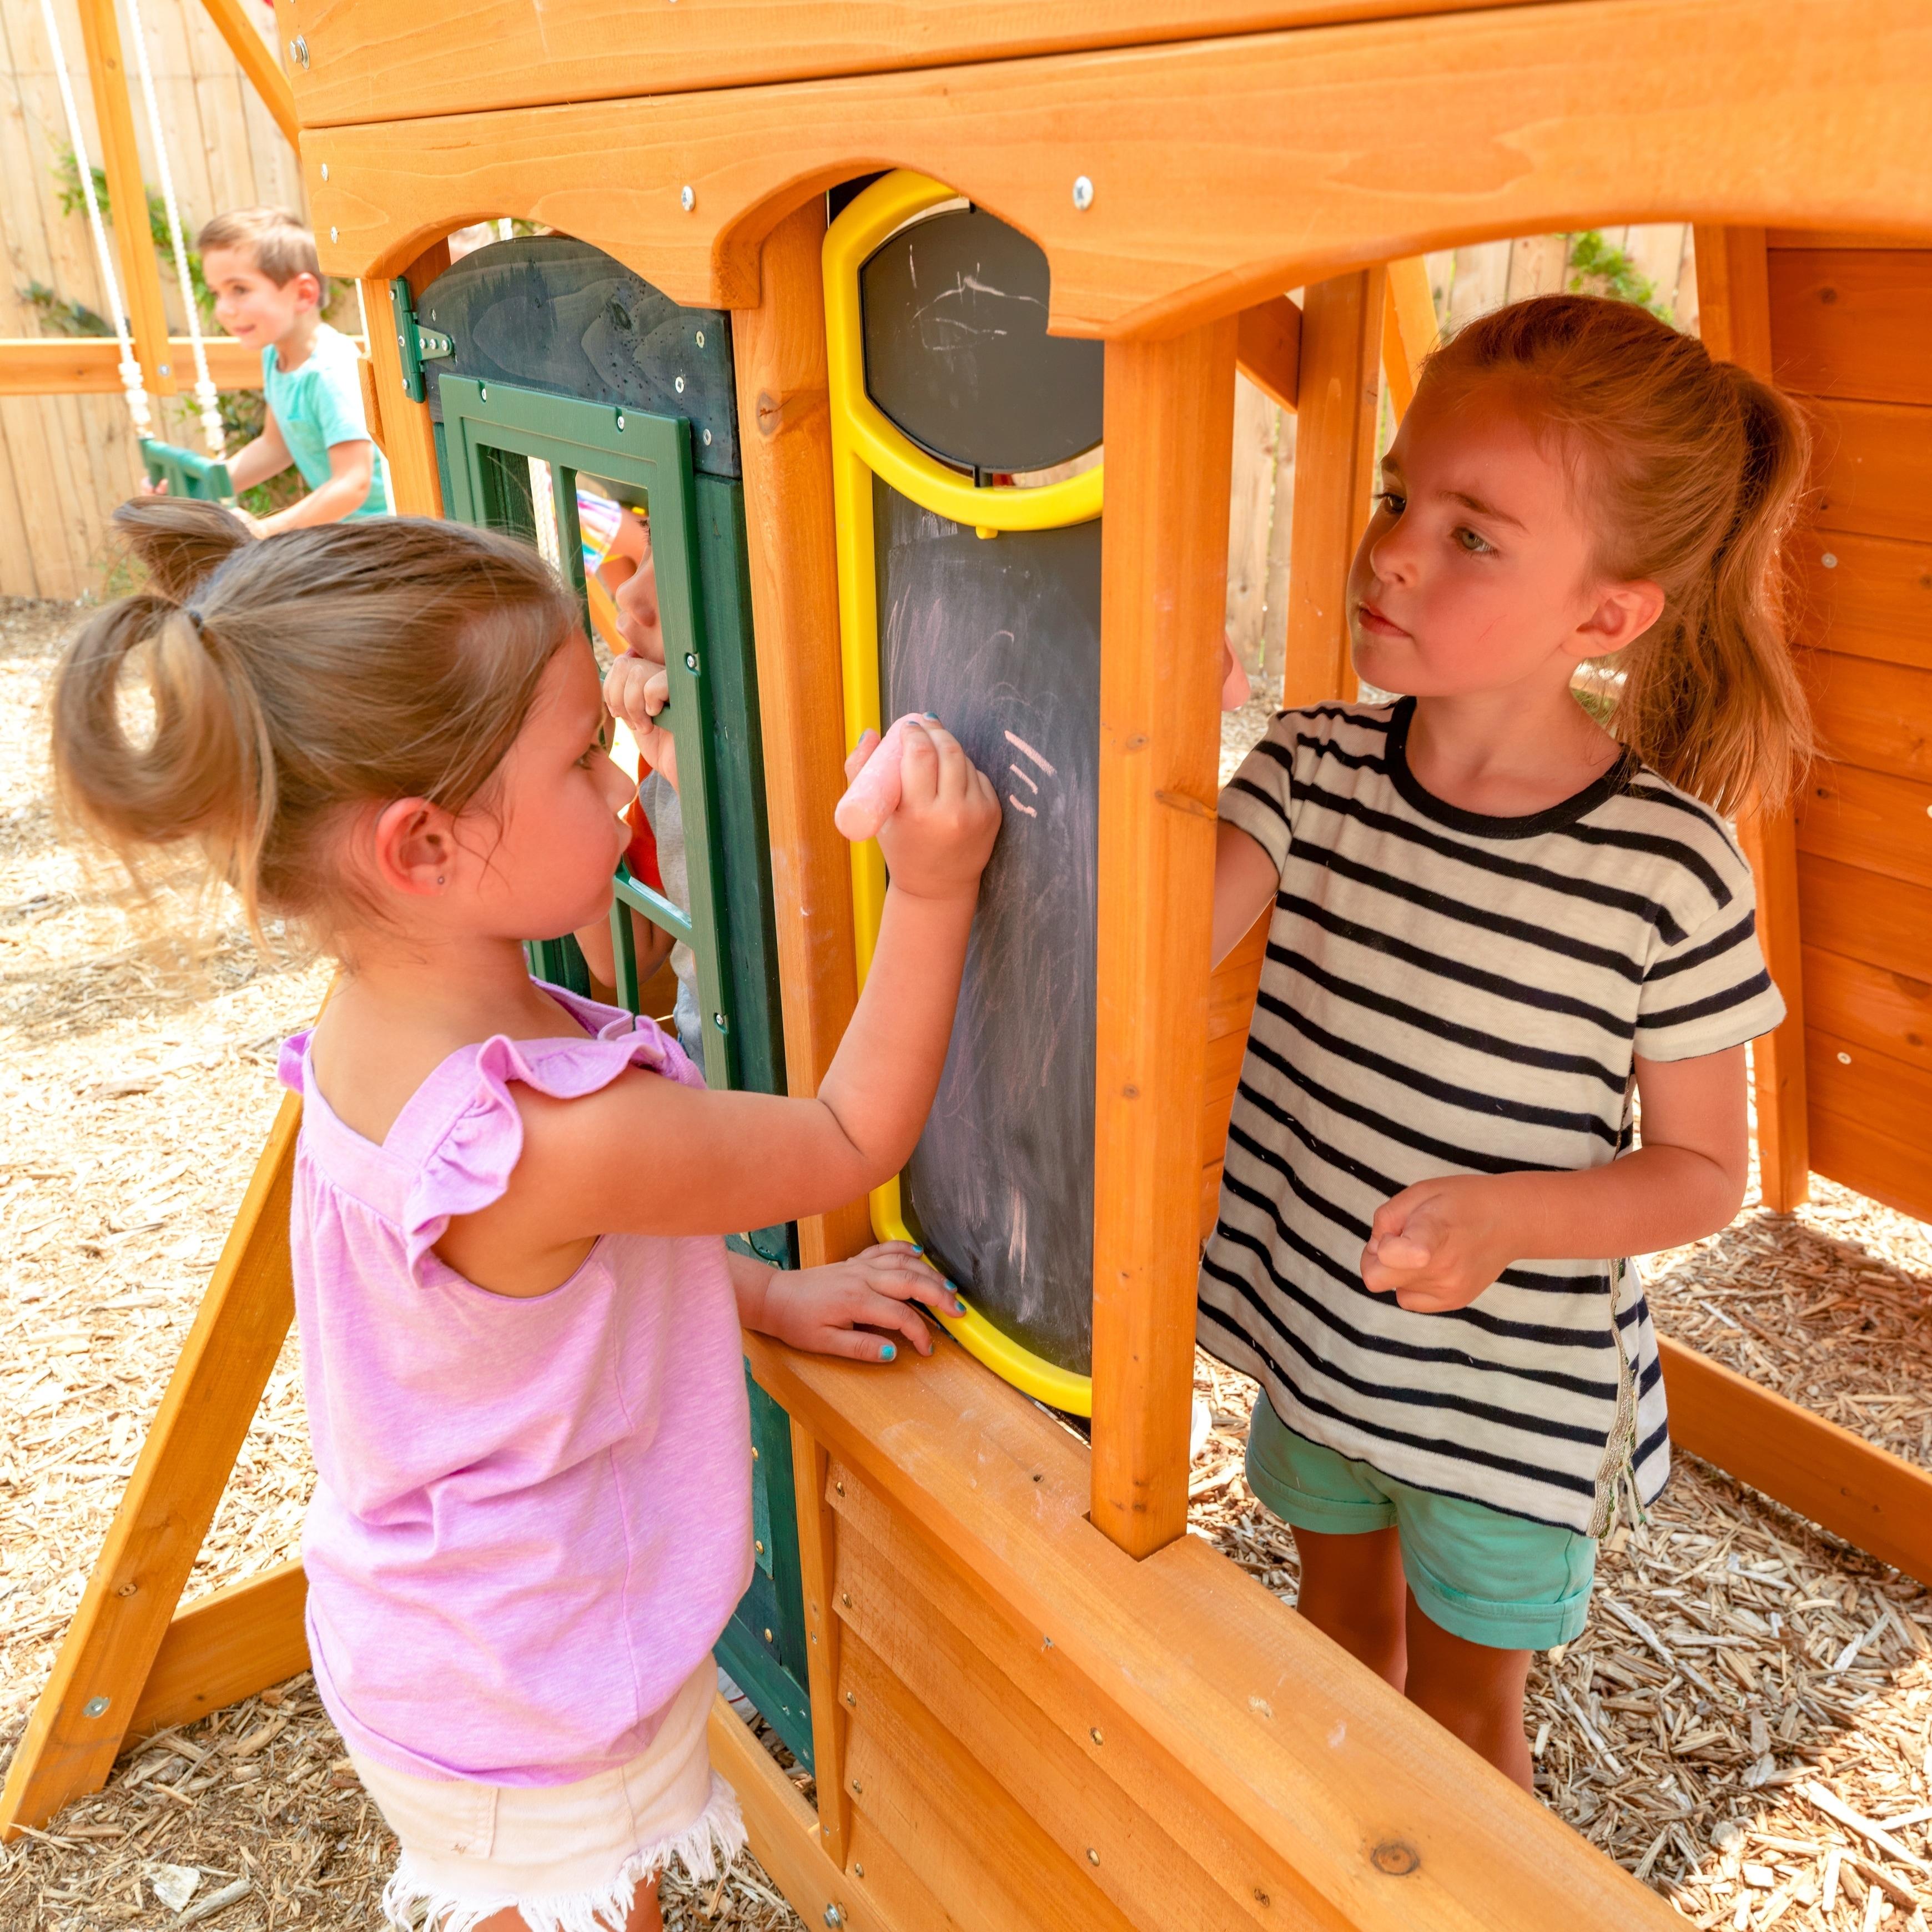 Kidkraft Ashberry Wooden Swing Set Playset Overstock 28546036